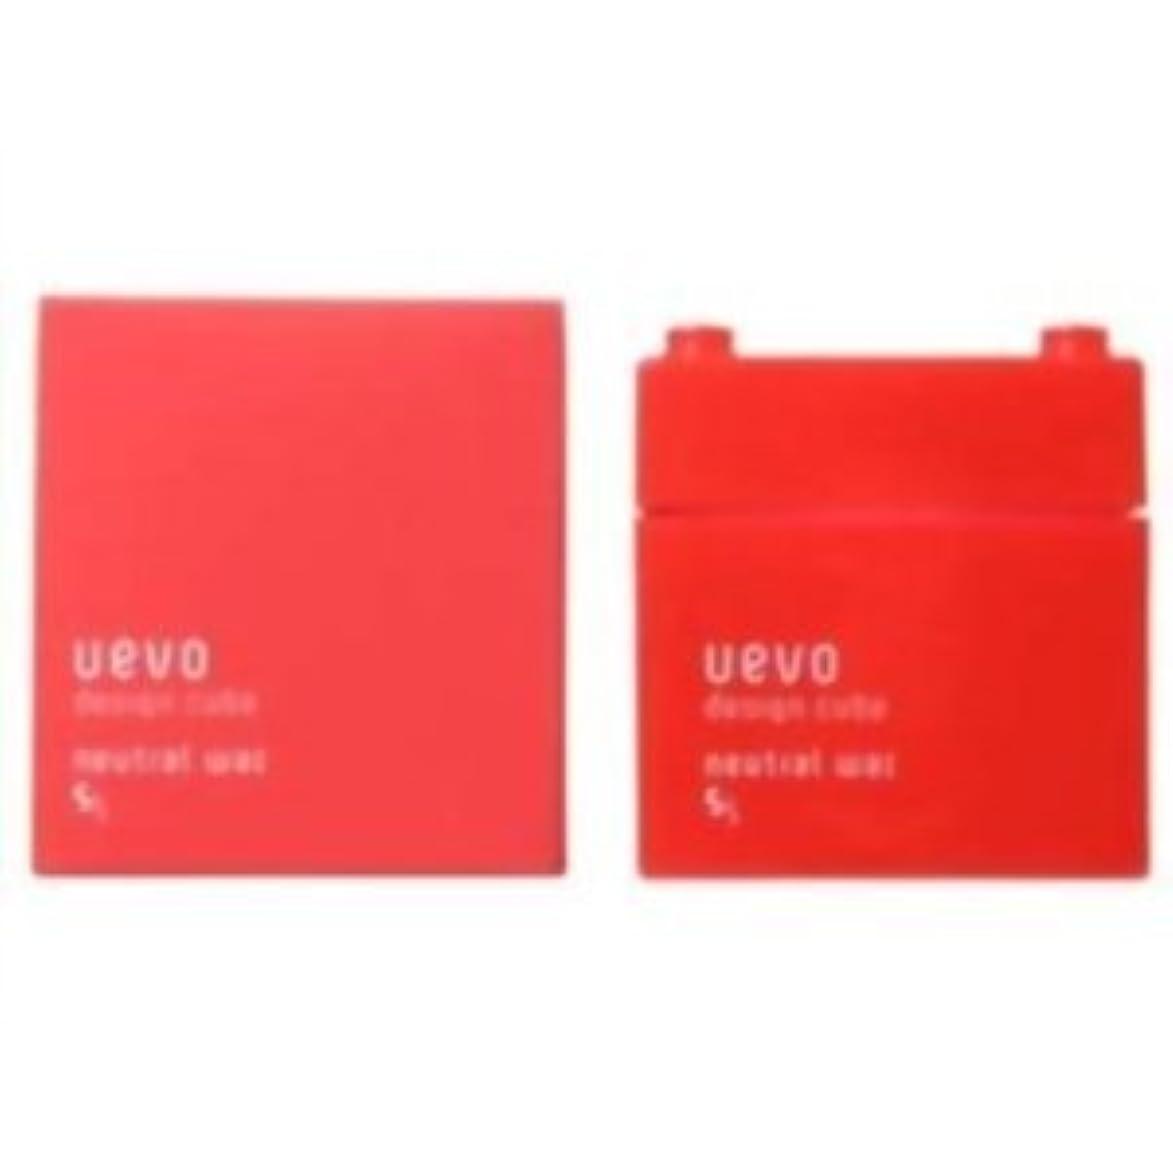 永遠の側面問題【X2個セット】 デミ ウェーボ デザインキューブ ニュートラルワックス 80g neutral wax DEMI uevo design cube